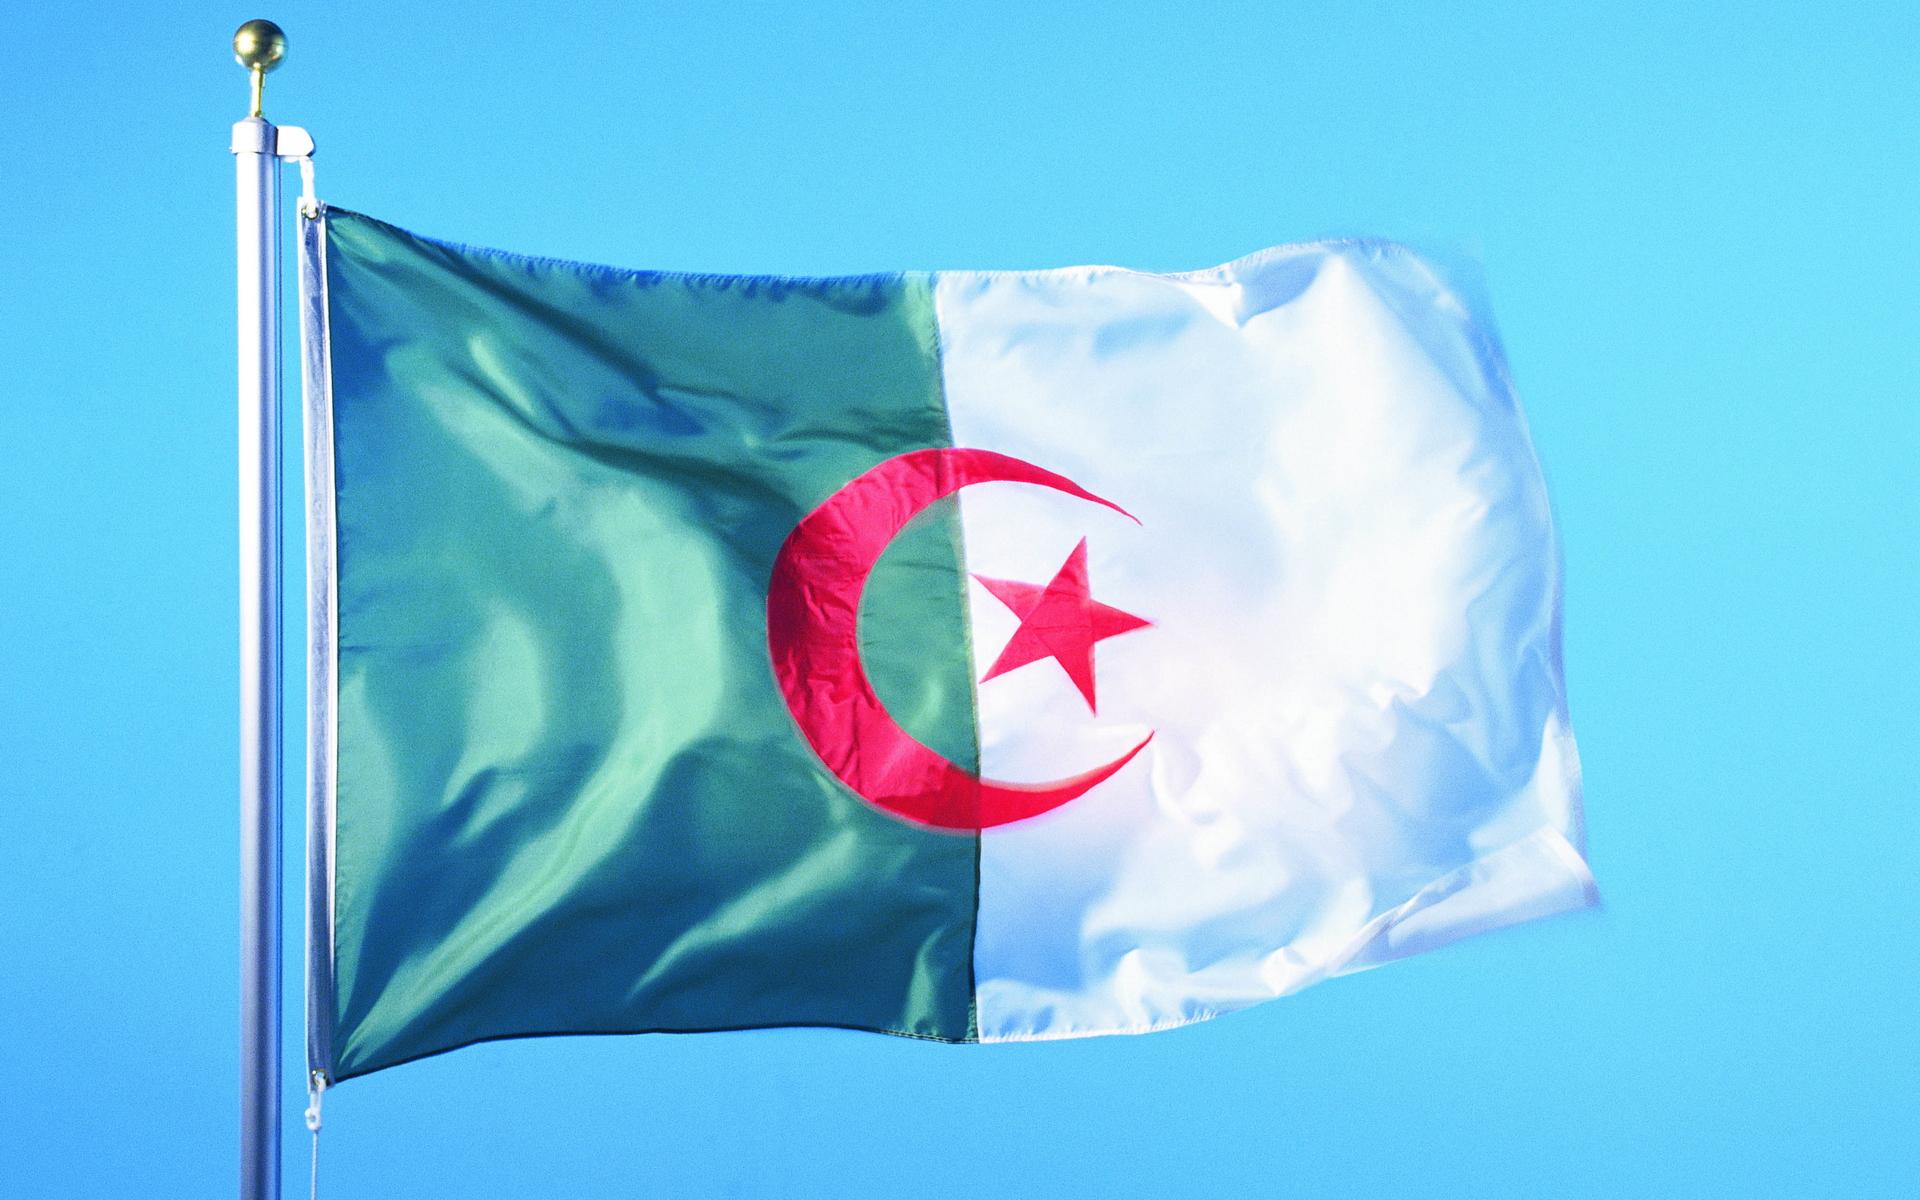 Алжир намерен в 2017 г увеличить экспорт газа на 3 млрд м3 и запустить СПГ-терминал Skikda